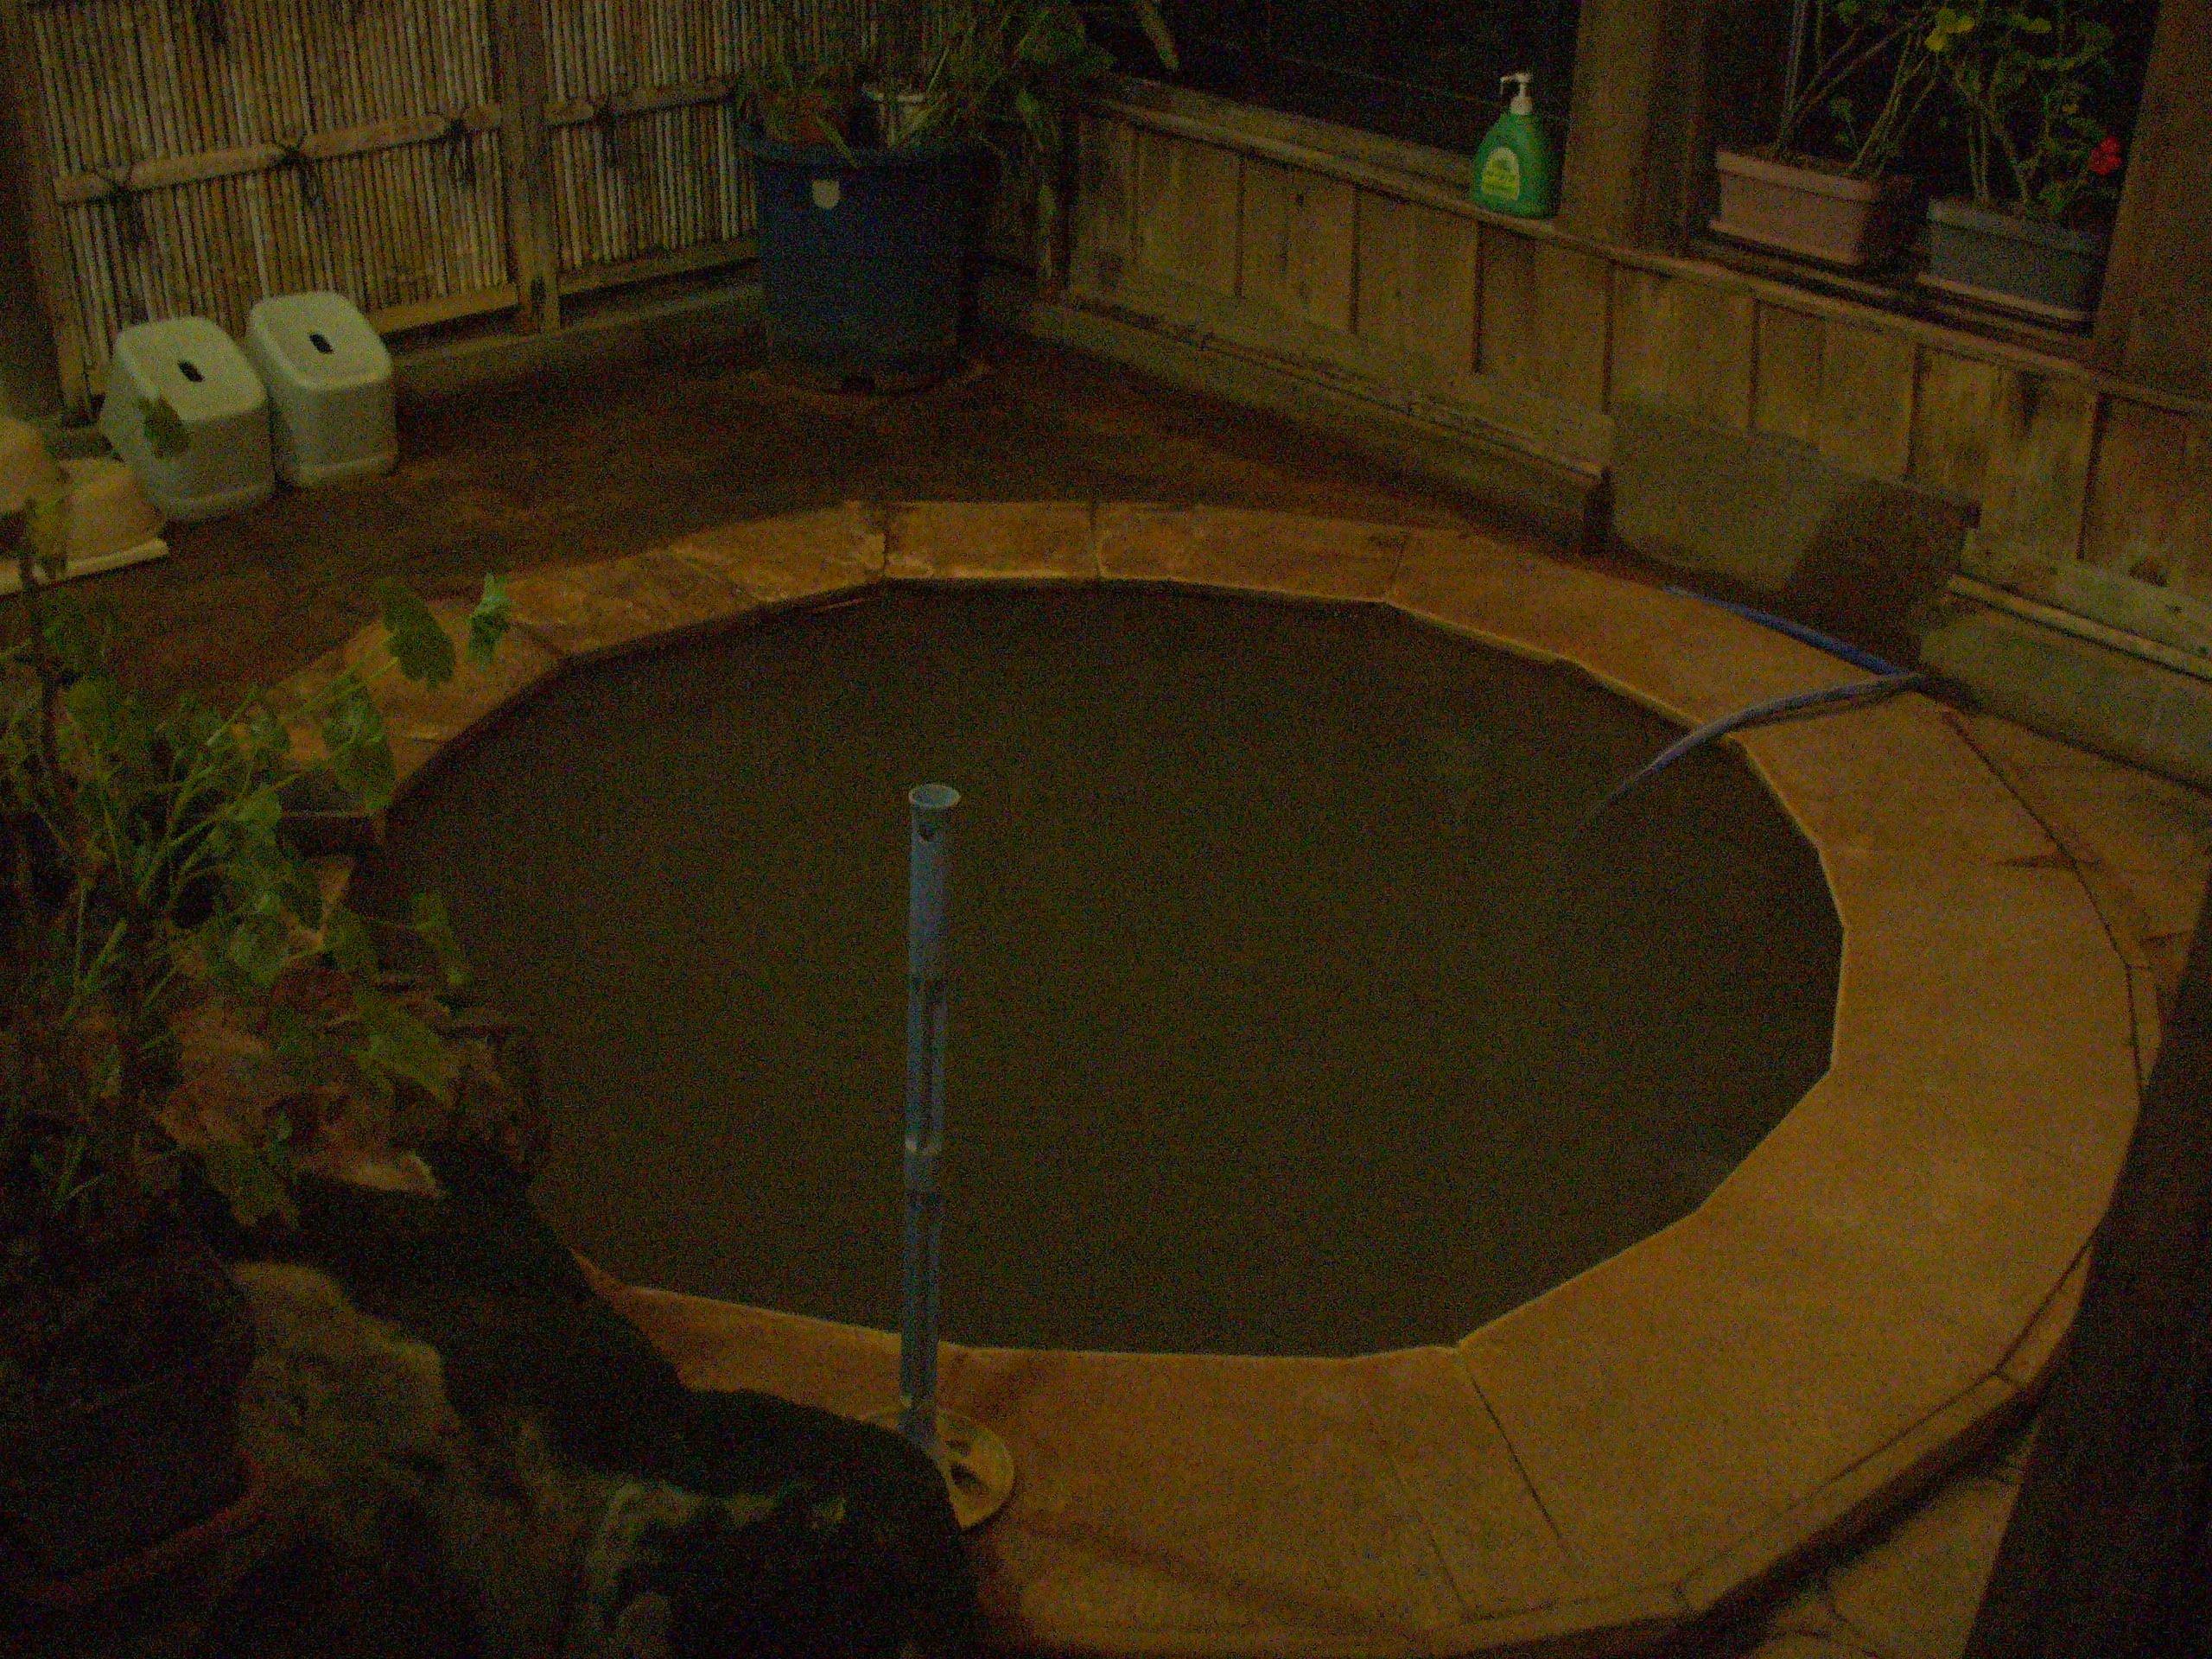 内風呂の「赤城名月風呂」。加温してあるのか少し温度が高めでした。